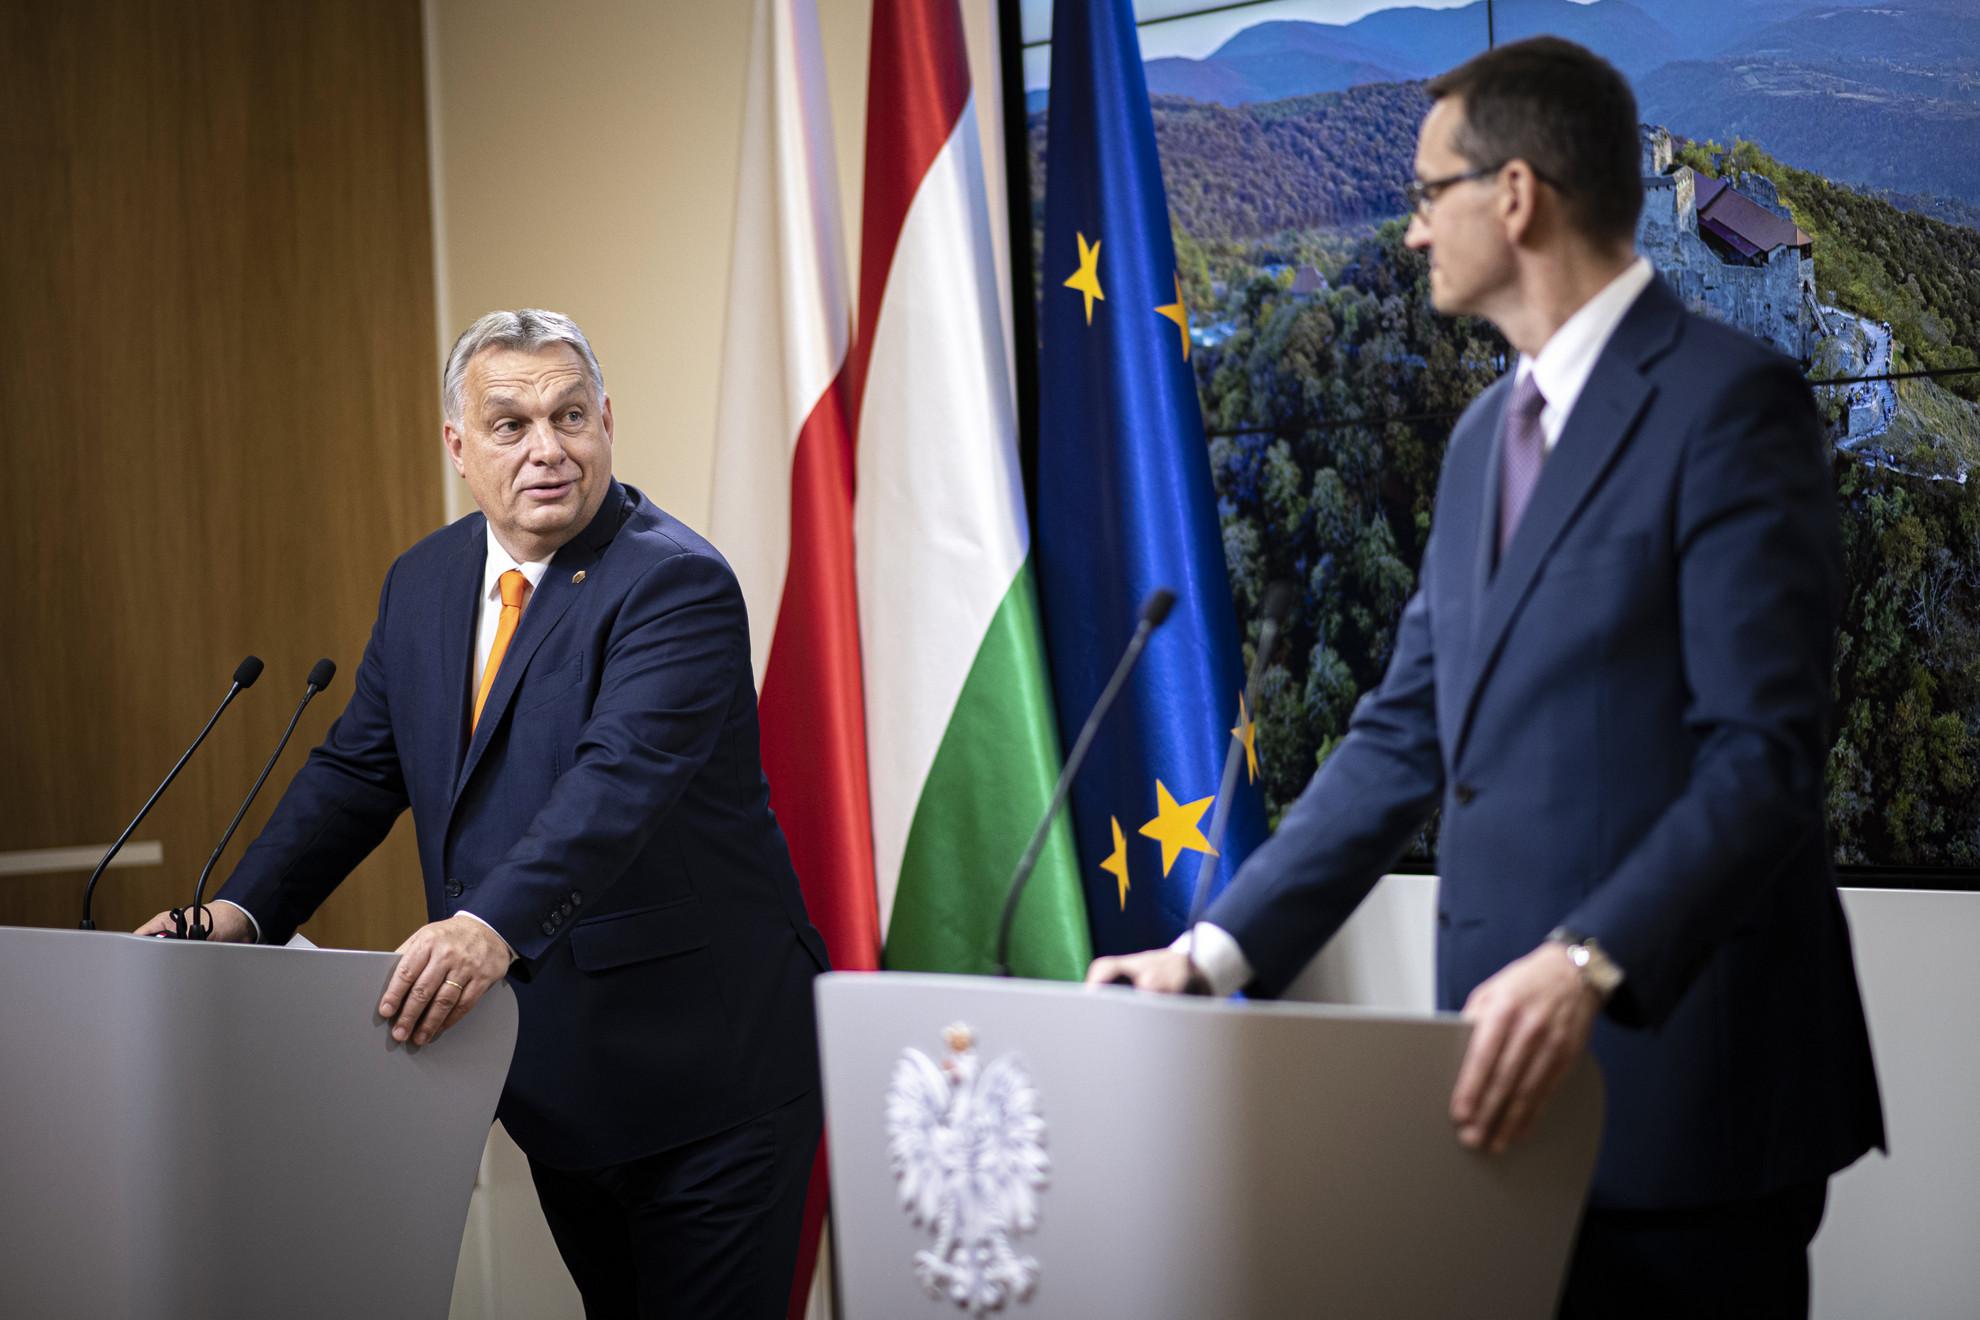 A Miniszterelnöki Sajtóiroda által közreadott képen Orbán Viktor miniszterelnök (b) és Mateusz Morawiecki lengyel kormányfő sajtótájékoztatója az Európai Unió állam- és kormányfőinek csúcsértekezletét követően Brüsszelben